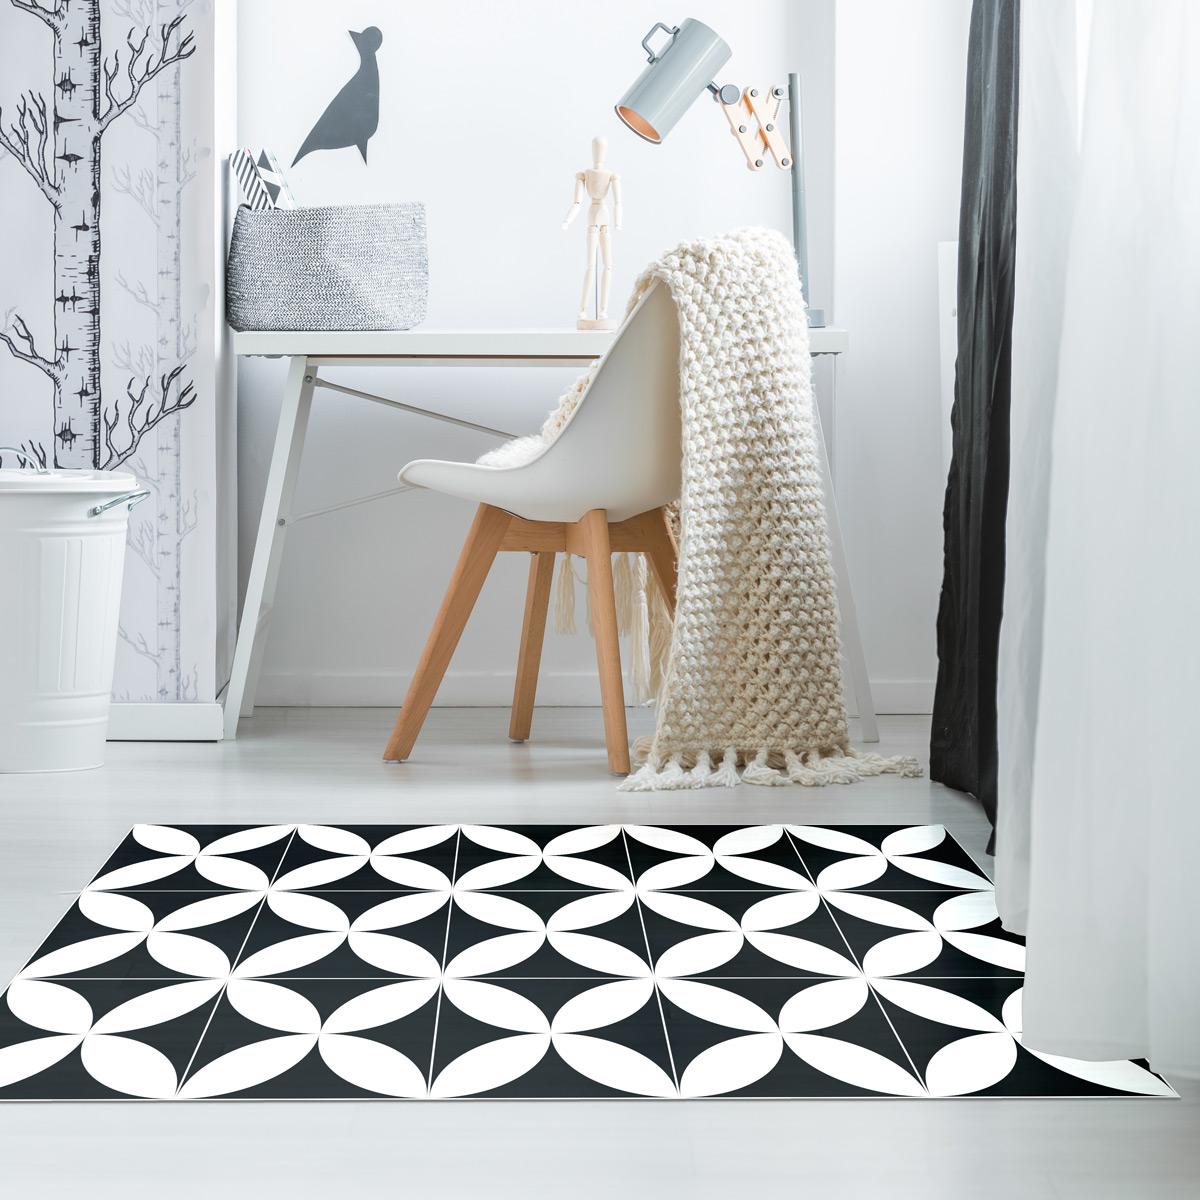 tapis vinyle carrelages classico 60 x 100 cm stickers art et design artistiques ambiance. Black Bedroom Furniture Sets. Home Design Ideas